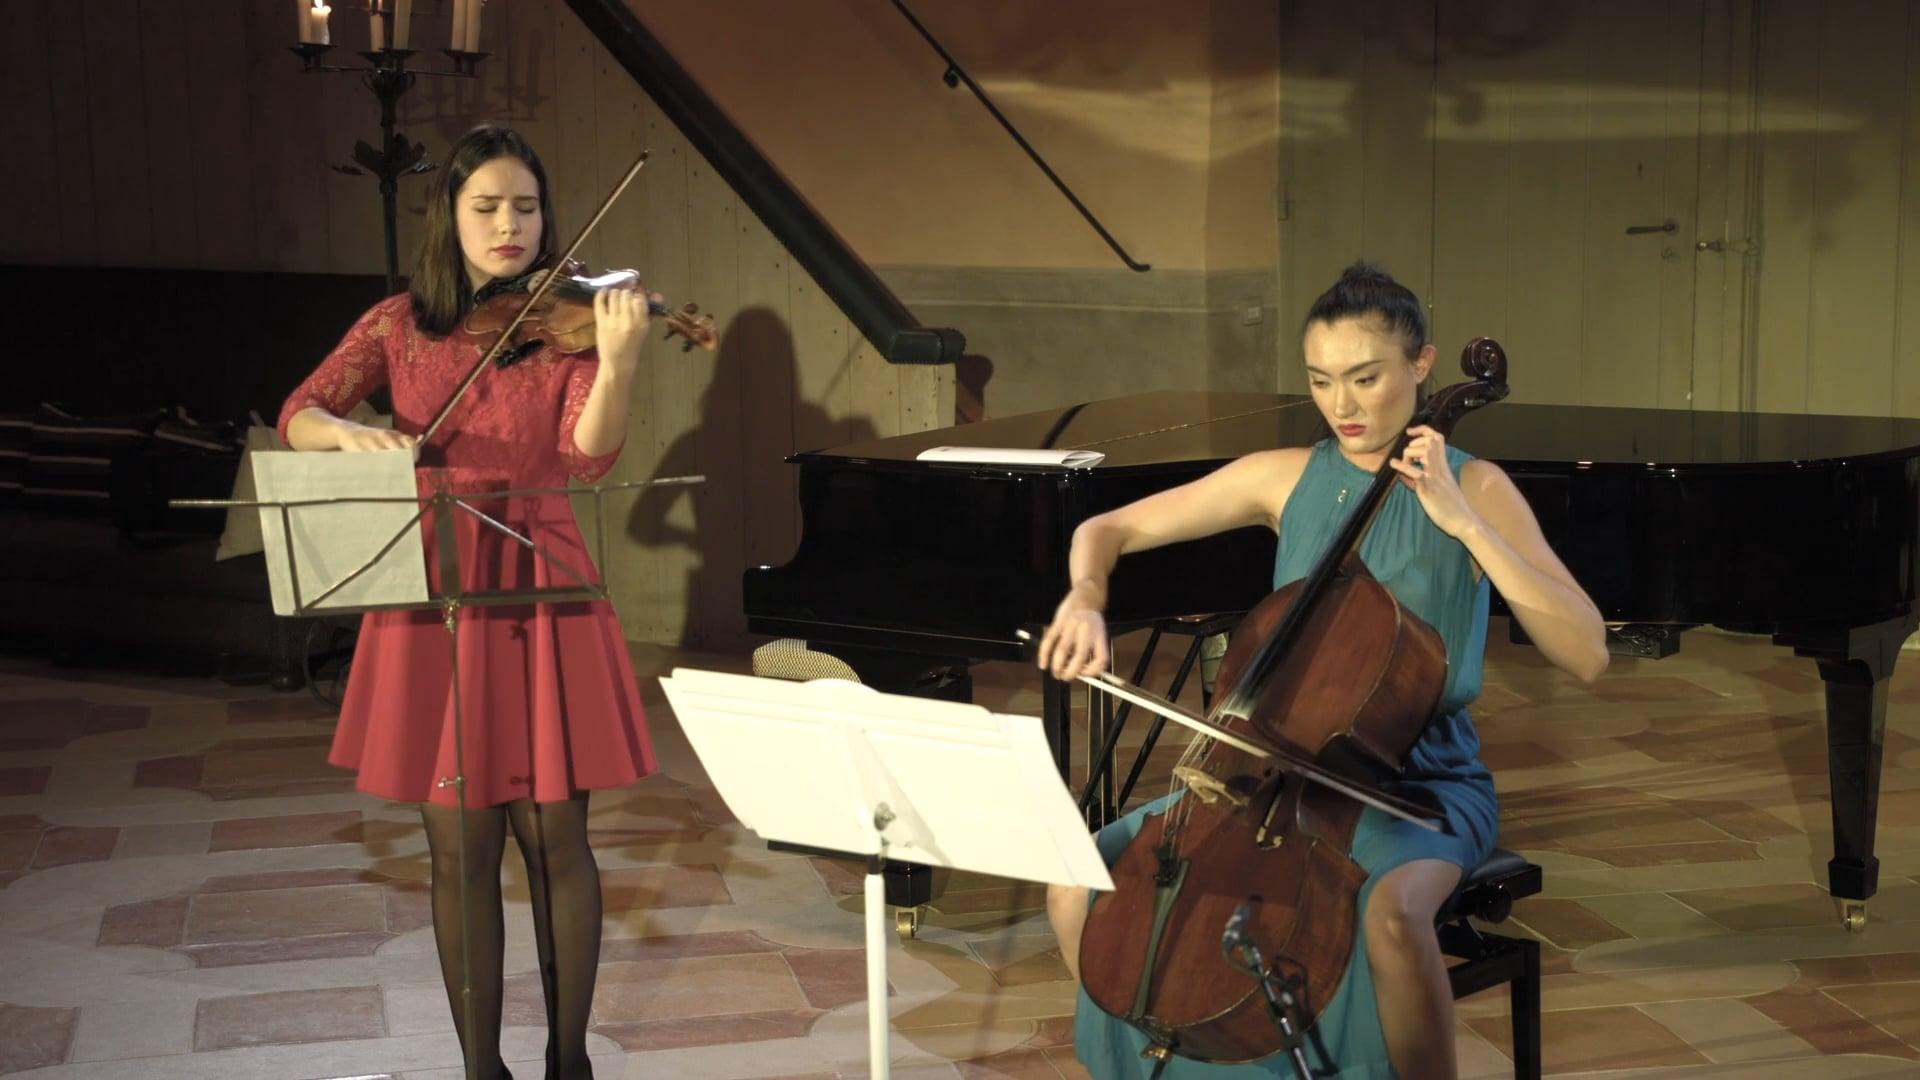 Johan Halvorsen, Passacaglia for Violin and Cello